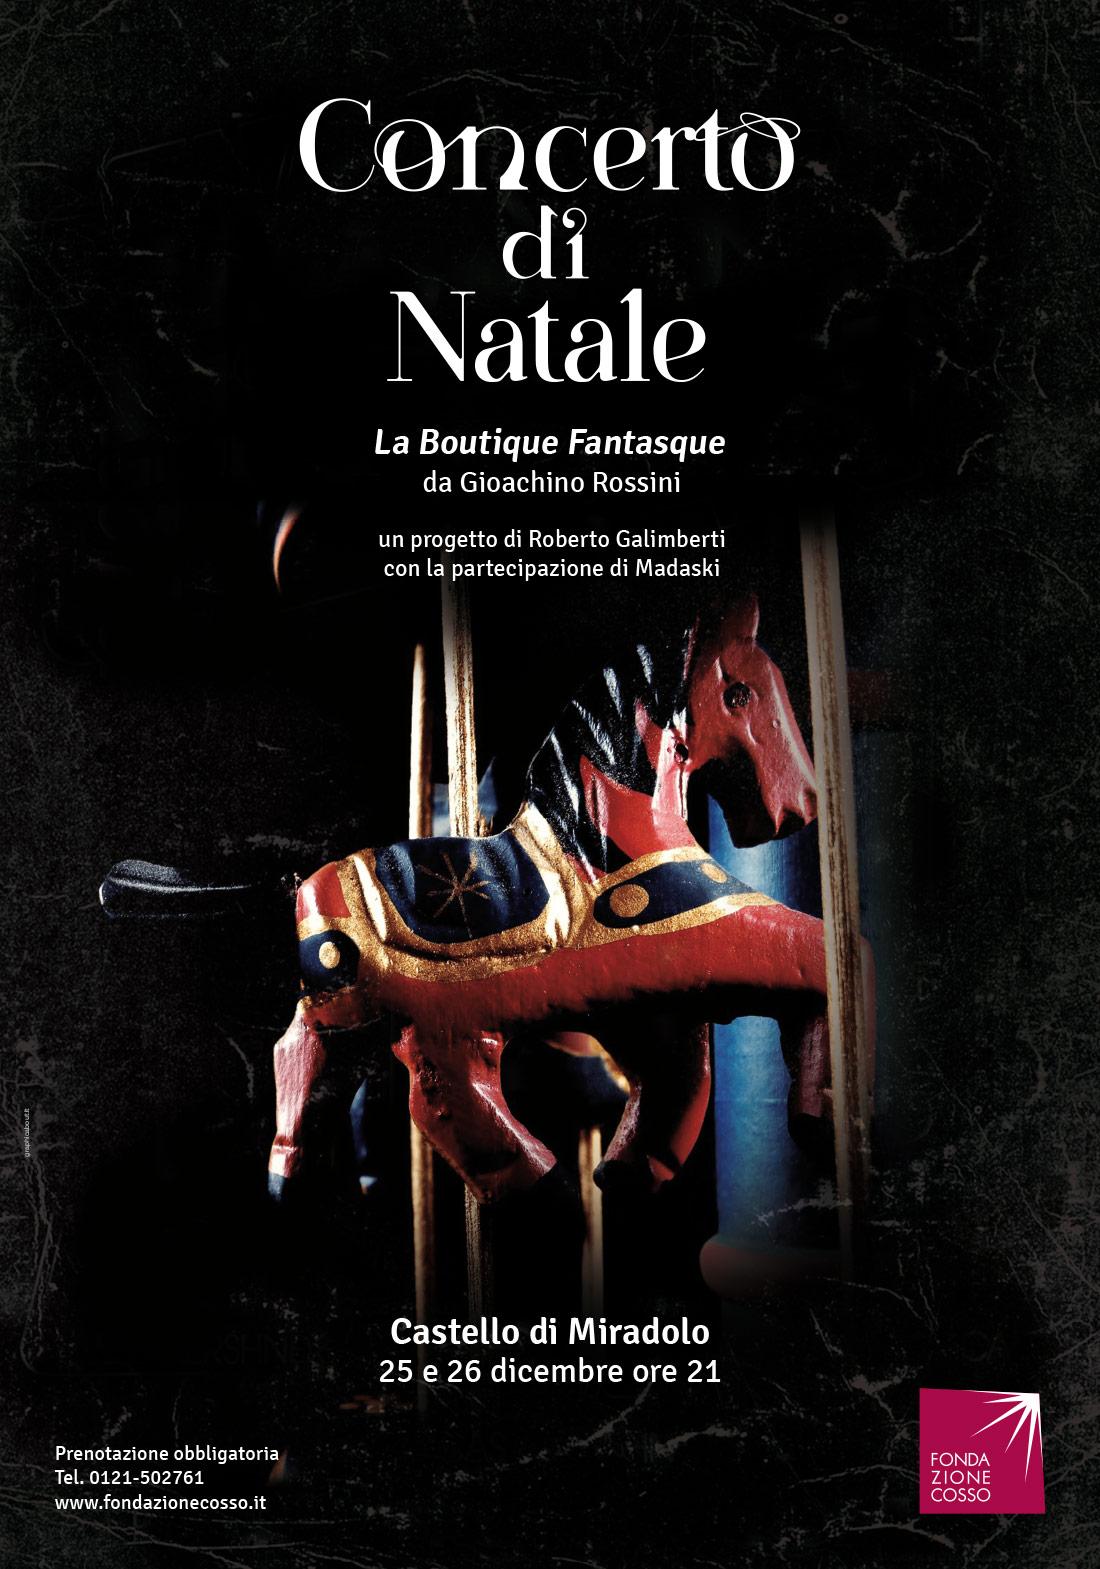 CastellodiMiradolo-ConcertoNatale-2012-Poster